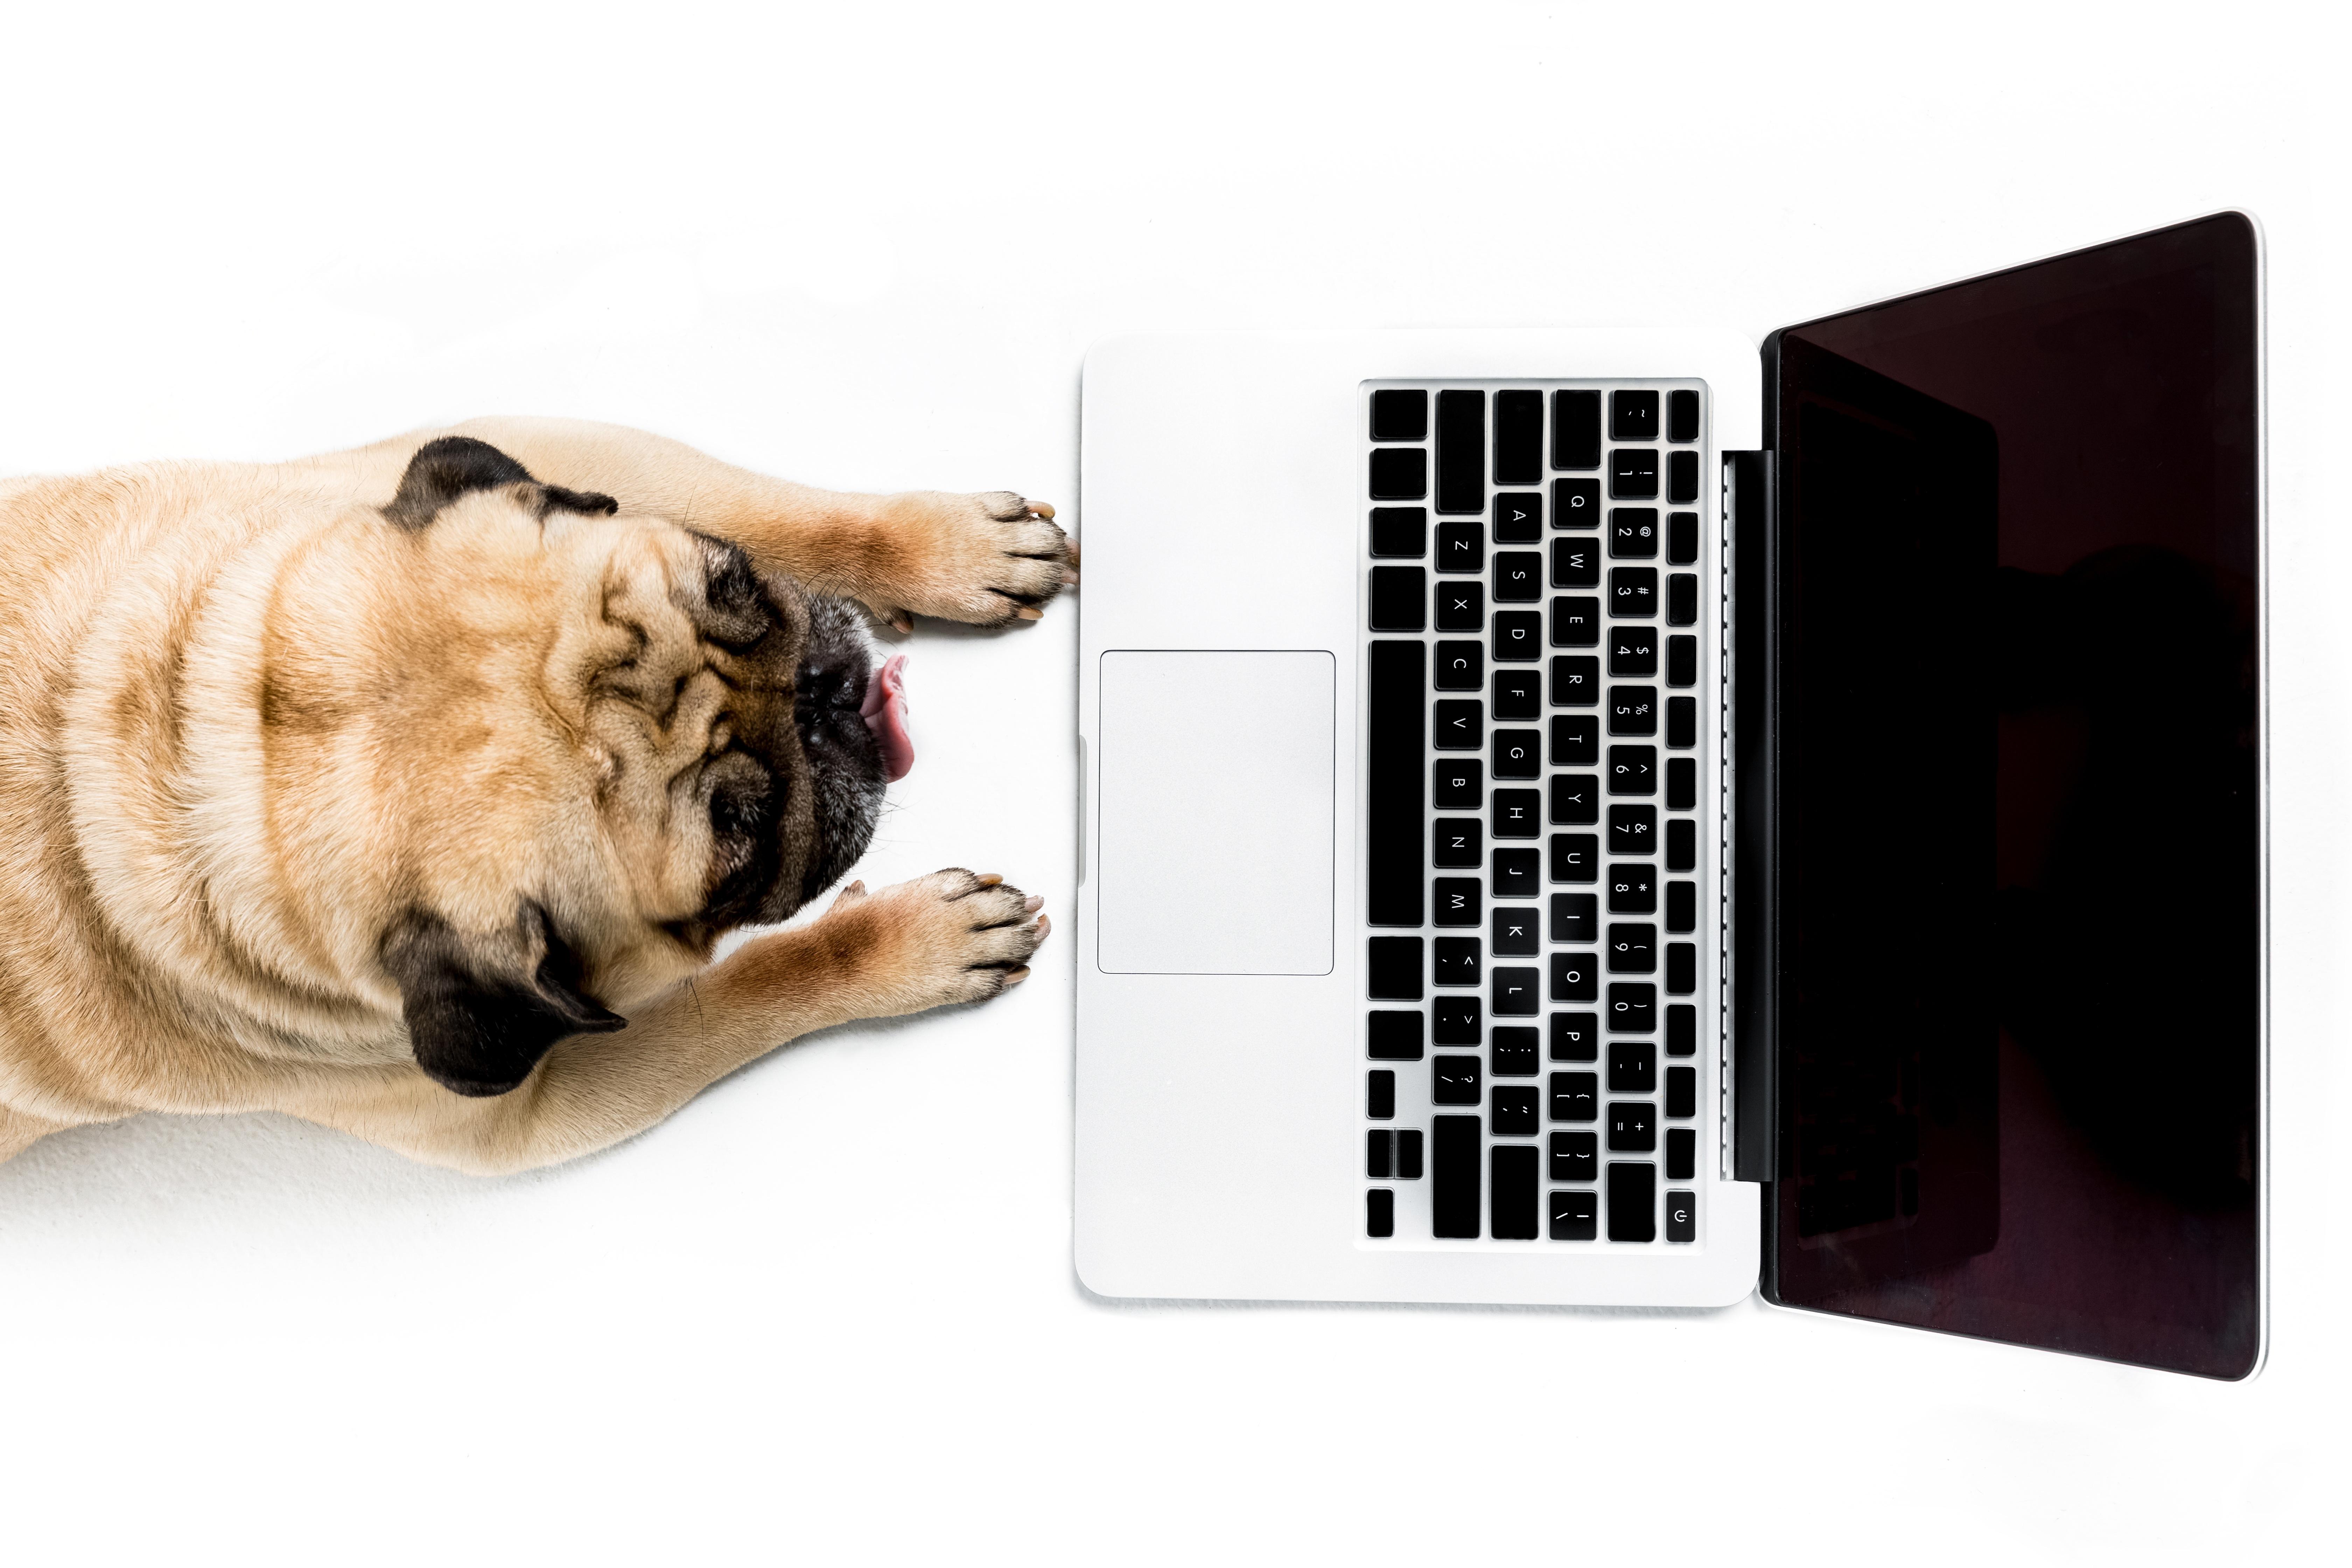 identity access management - IAM - dog